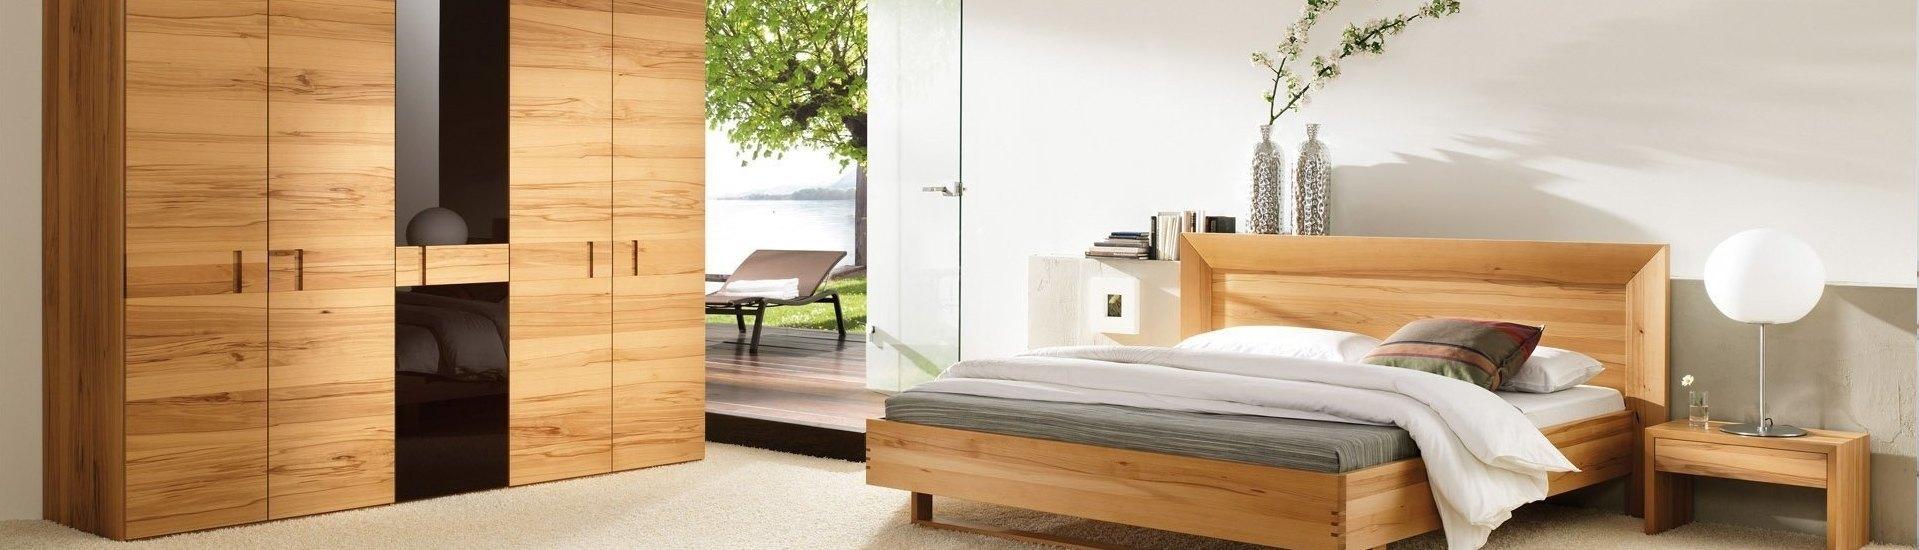 Modern beds